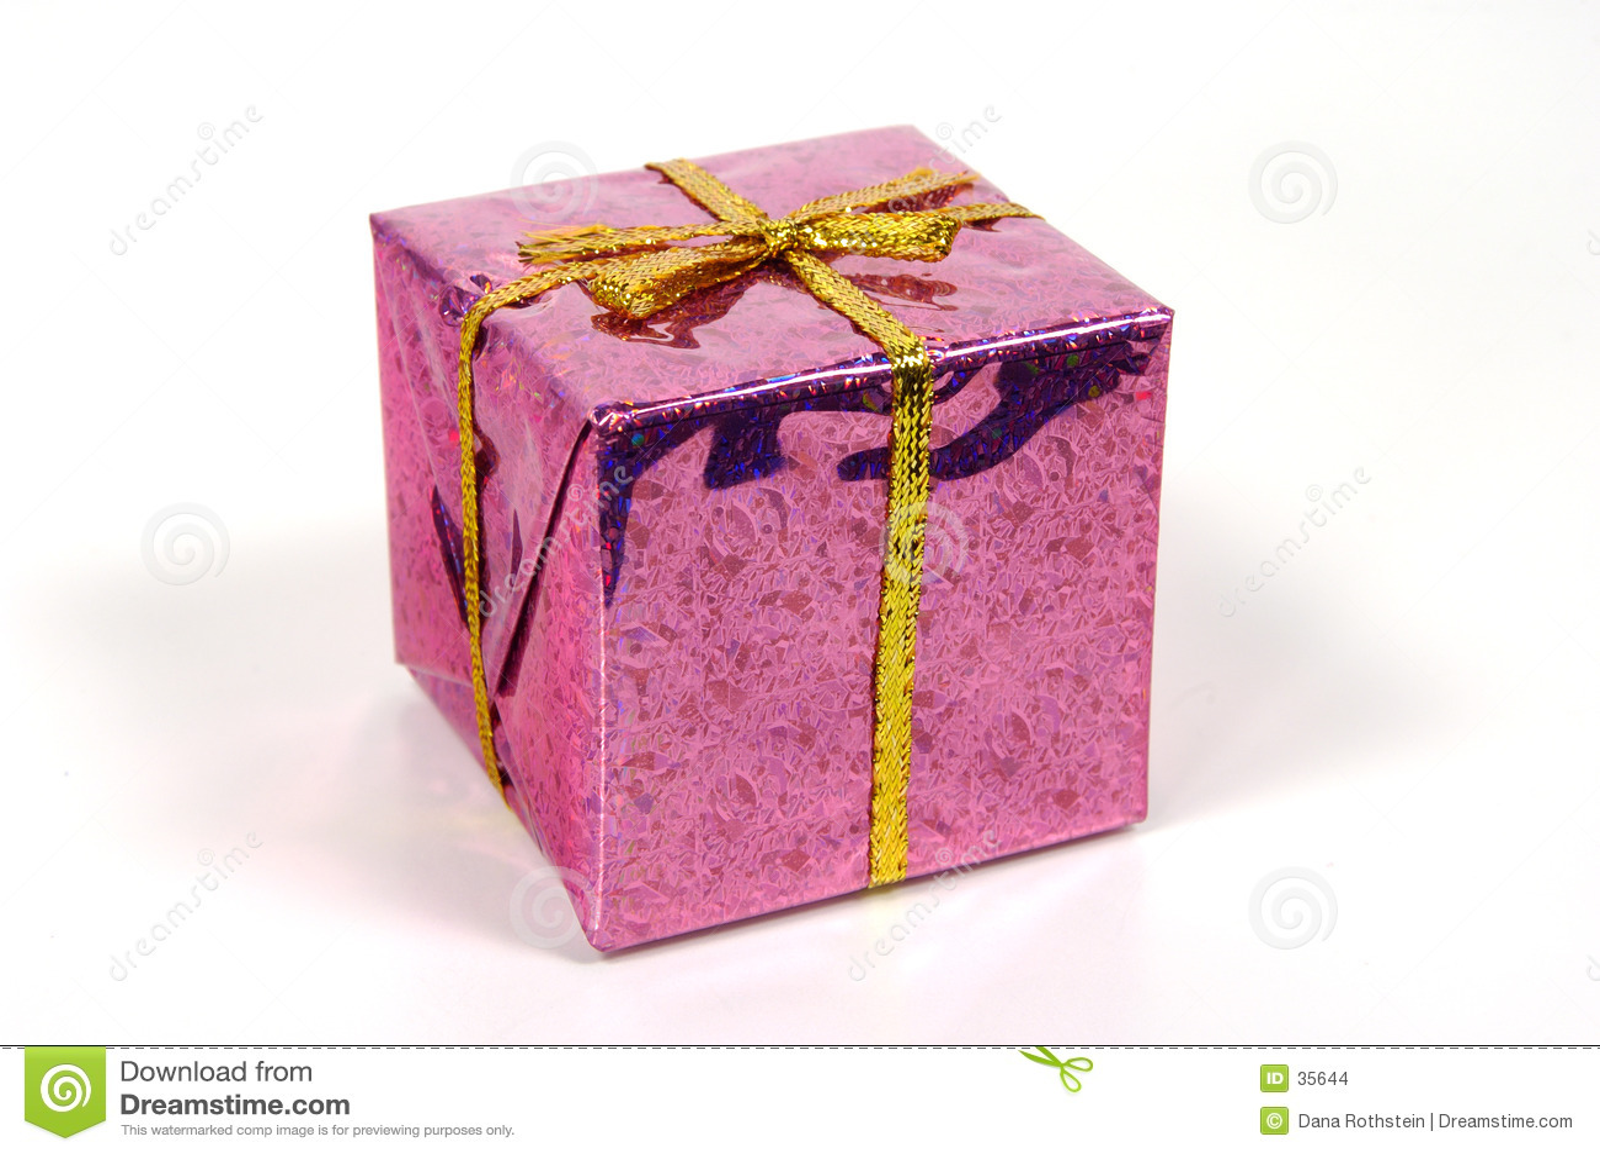 Giftboxpink